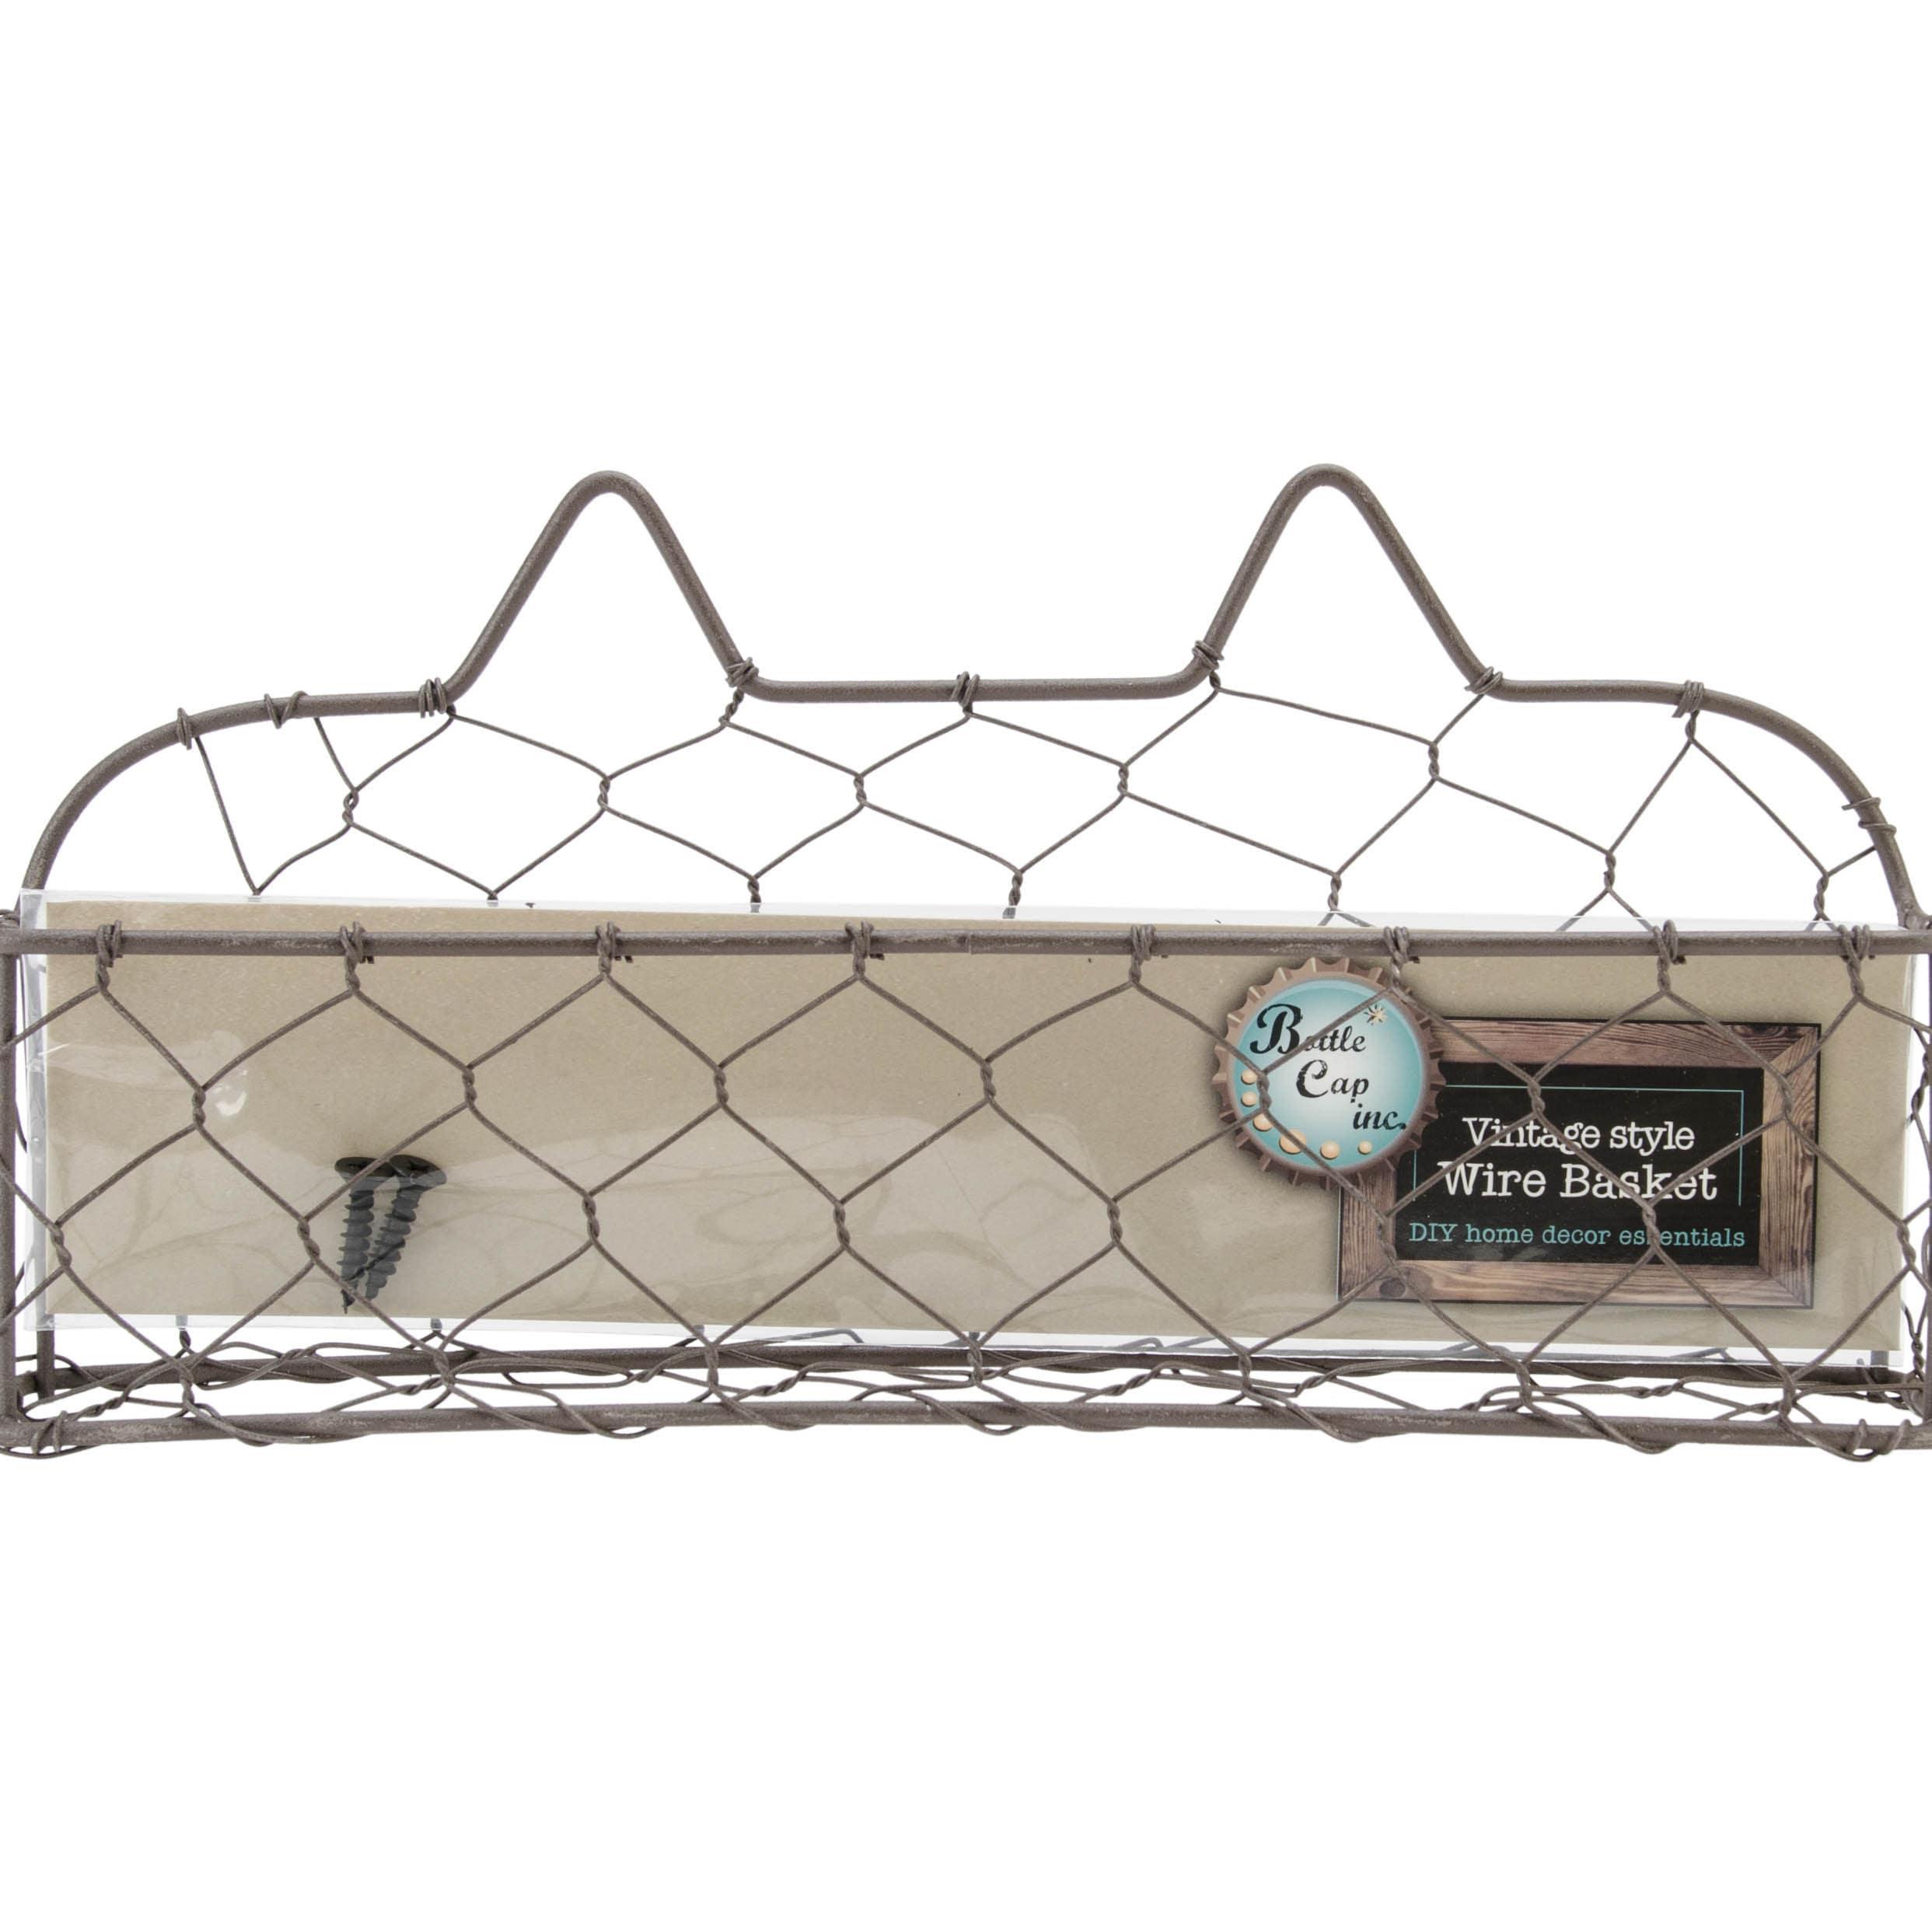 Bottle Cap Wide Wire Basket W/Screws (9in)